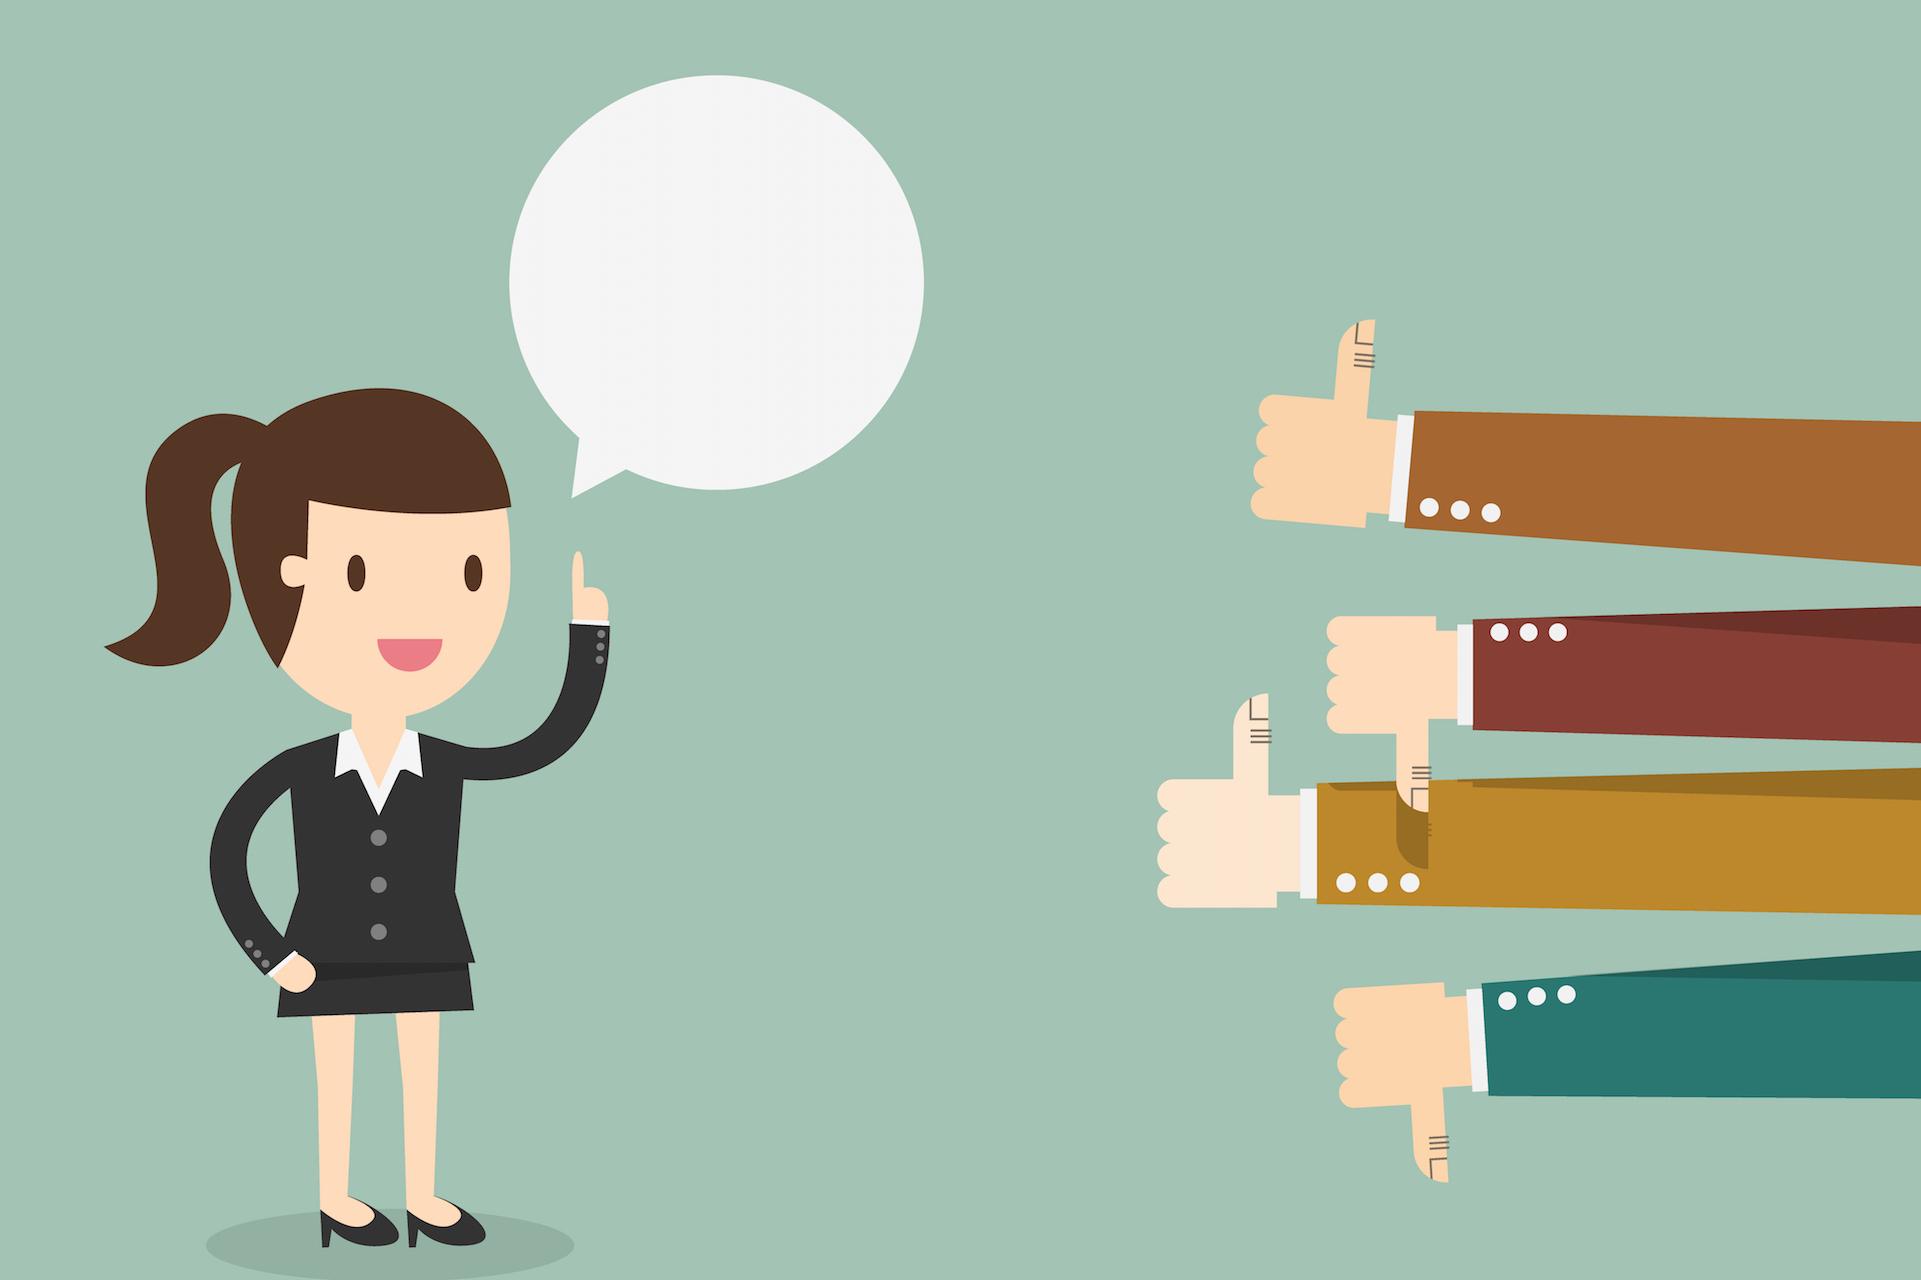 聰明人才會做的事:轉化他人的批評成為有效的回饋